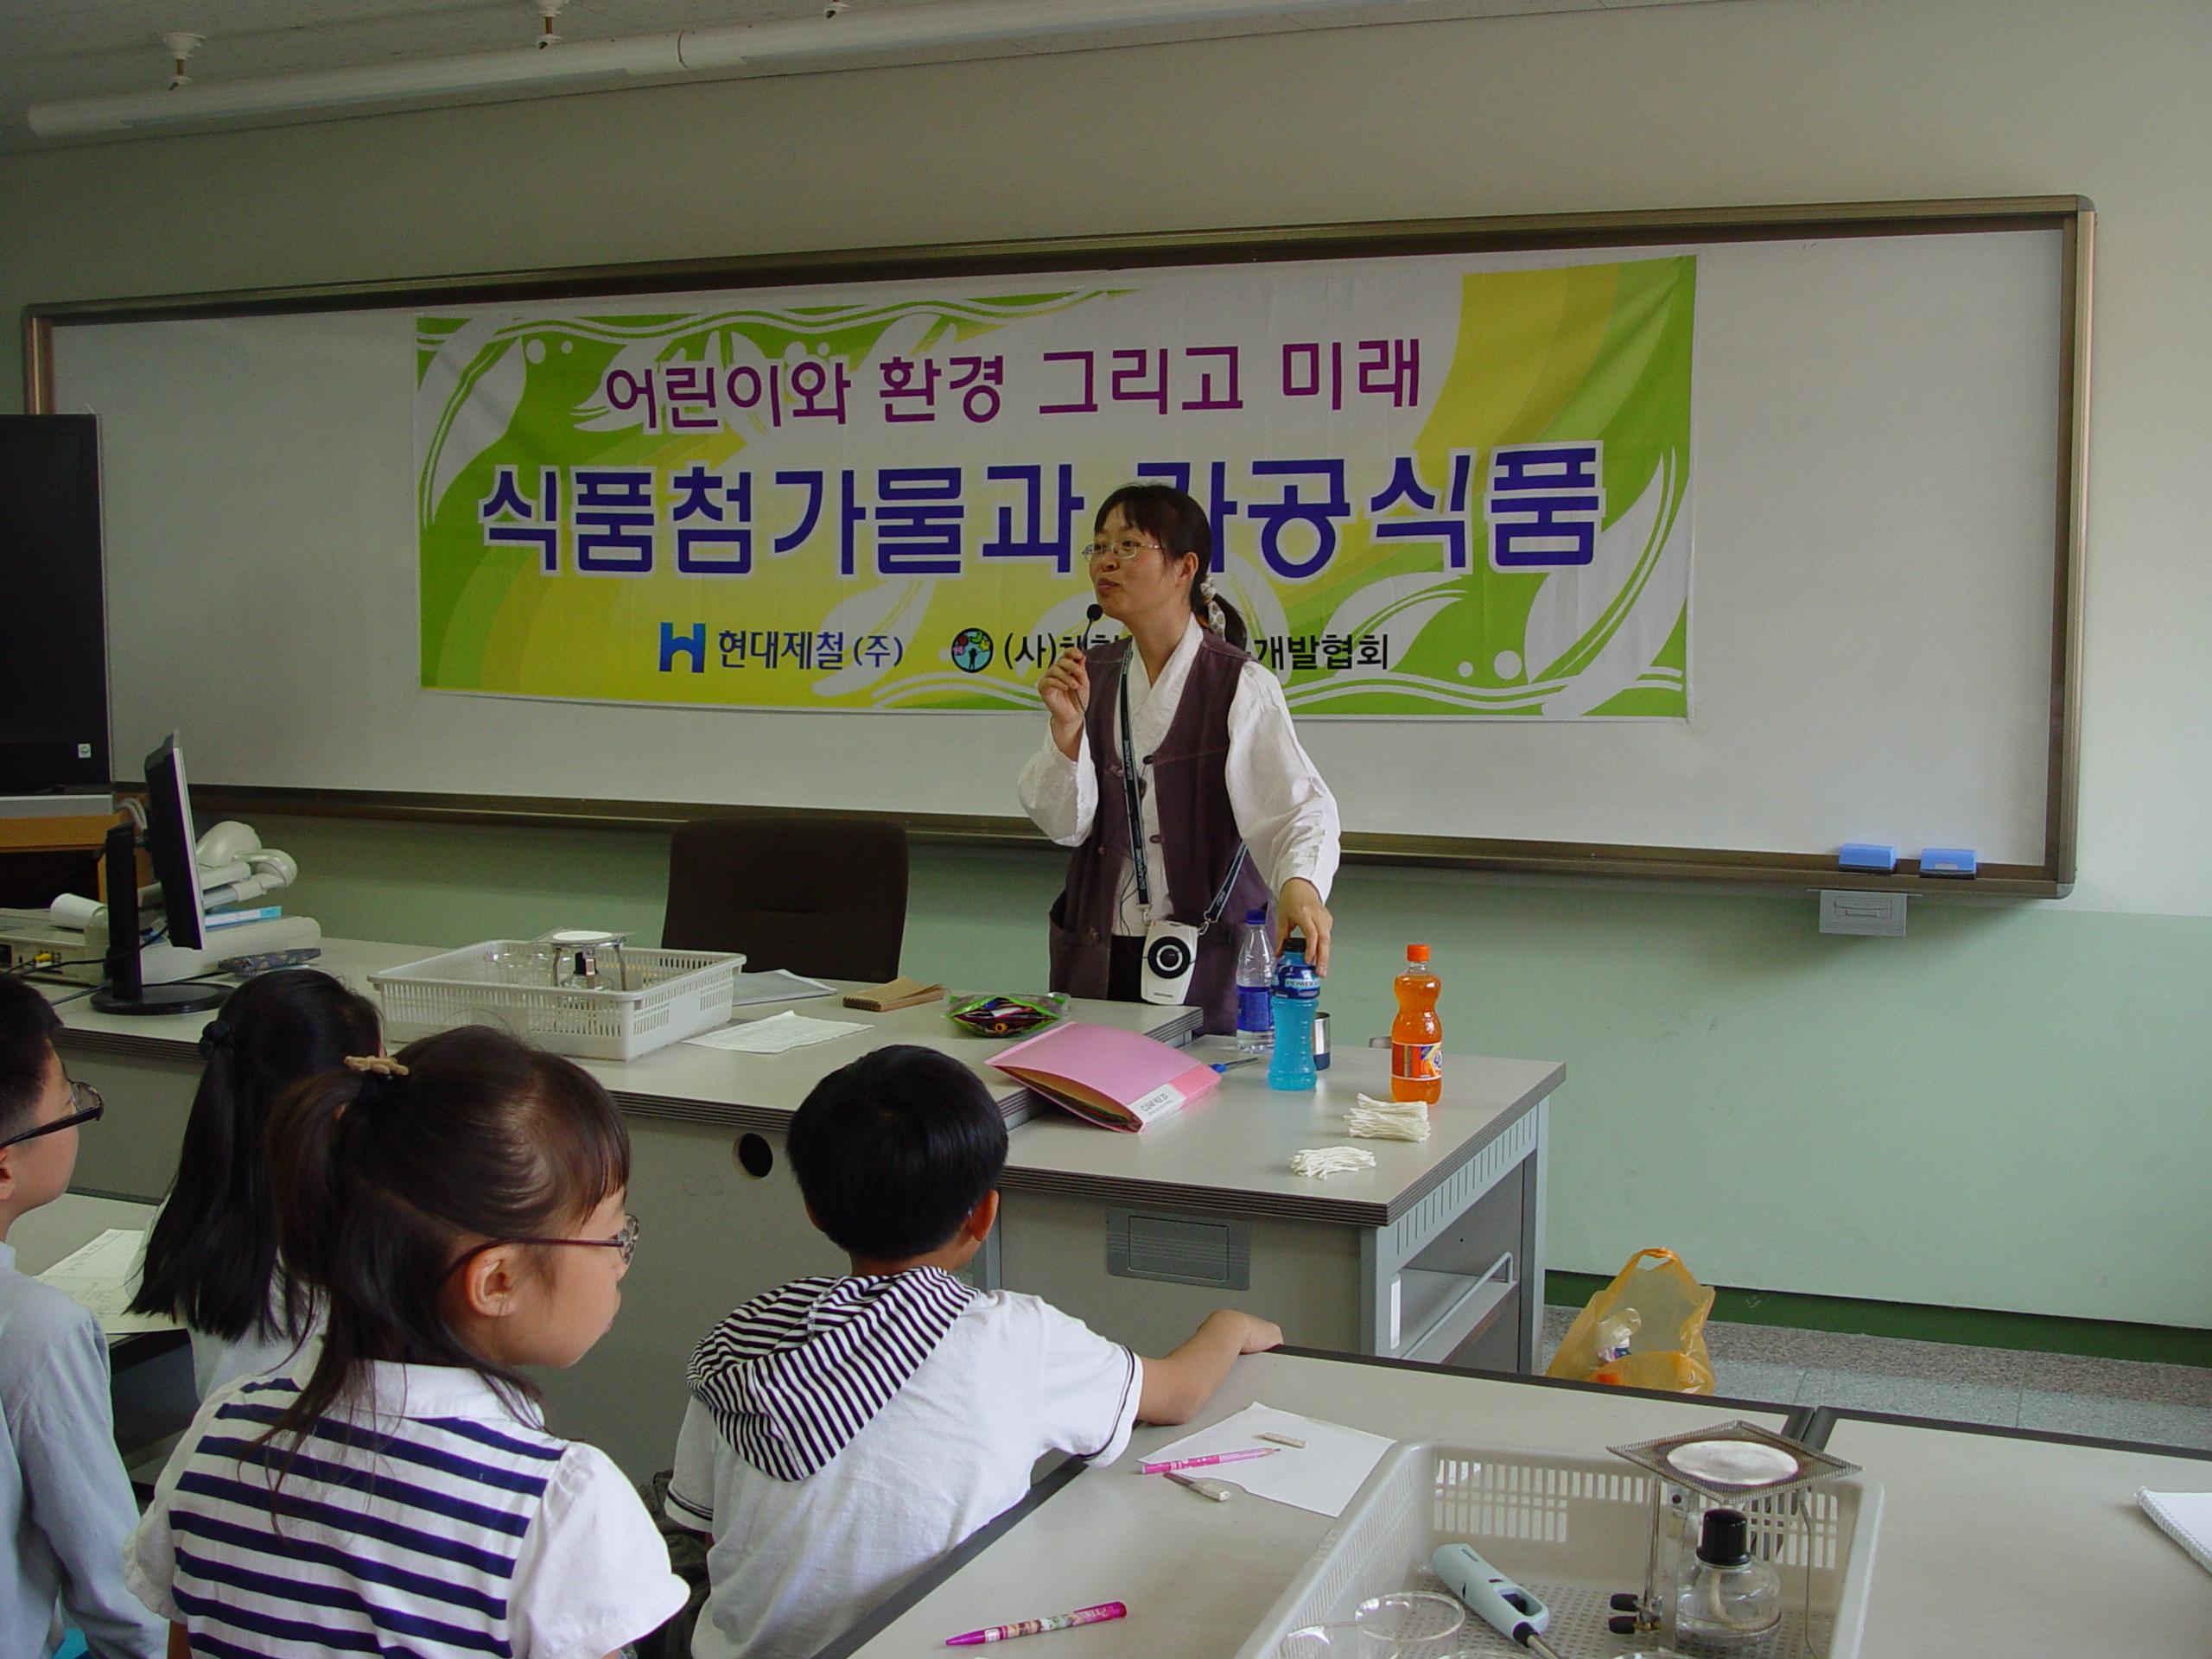 어린이 환경교실